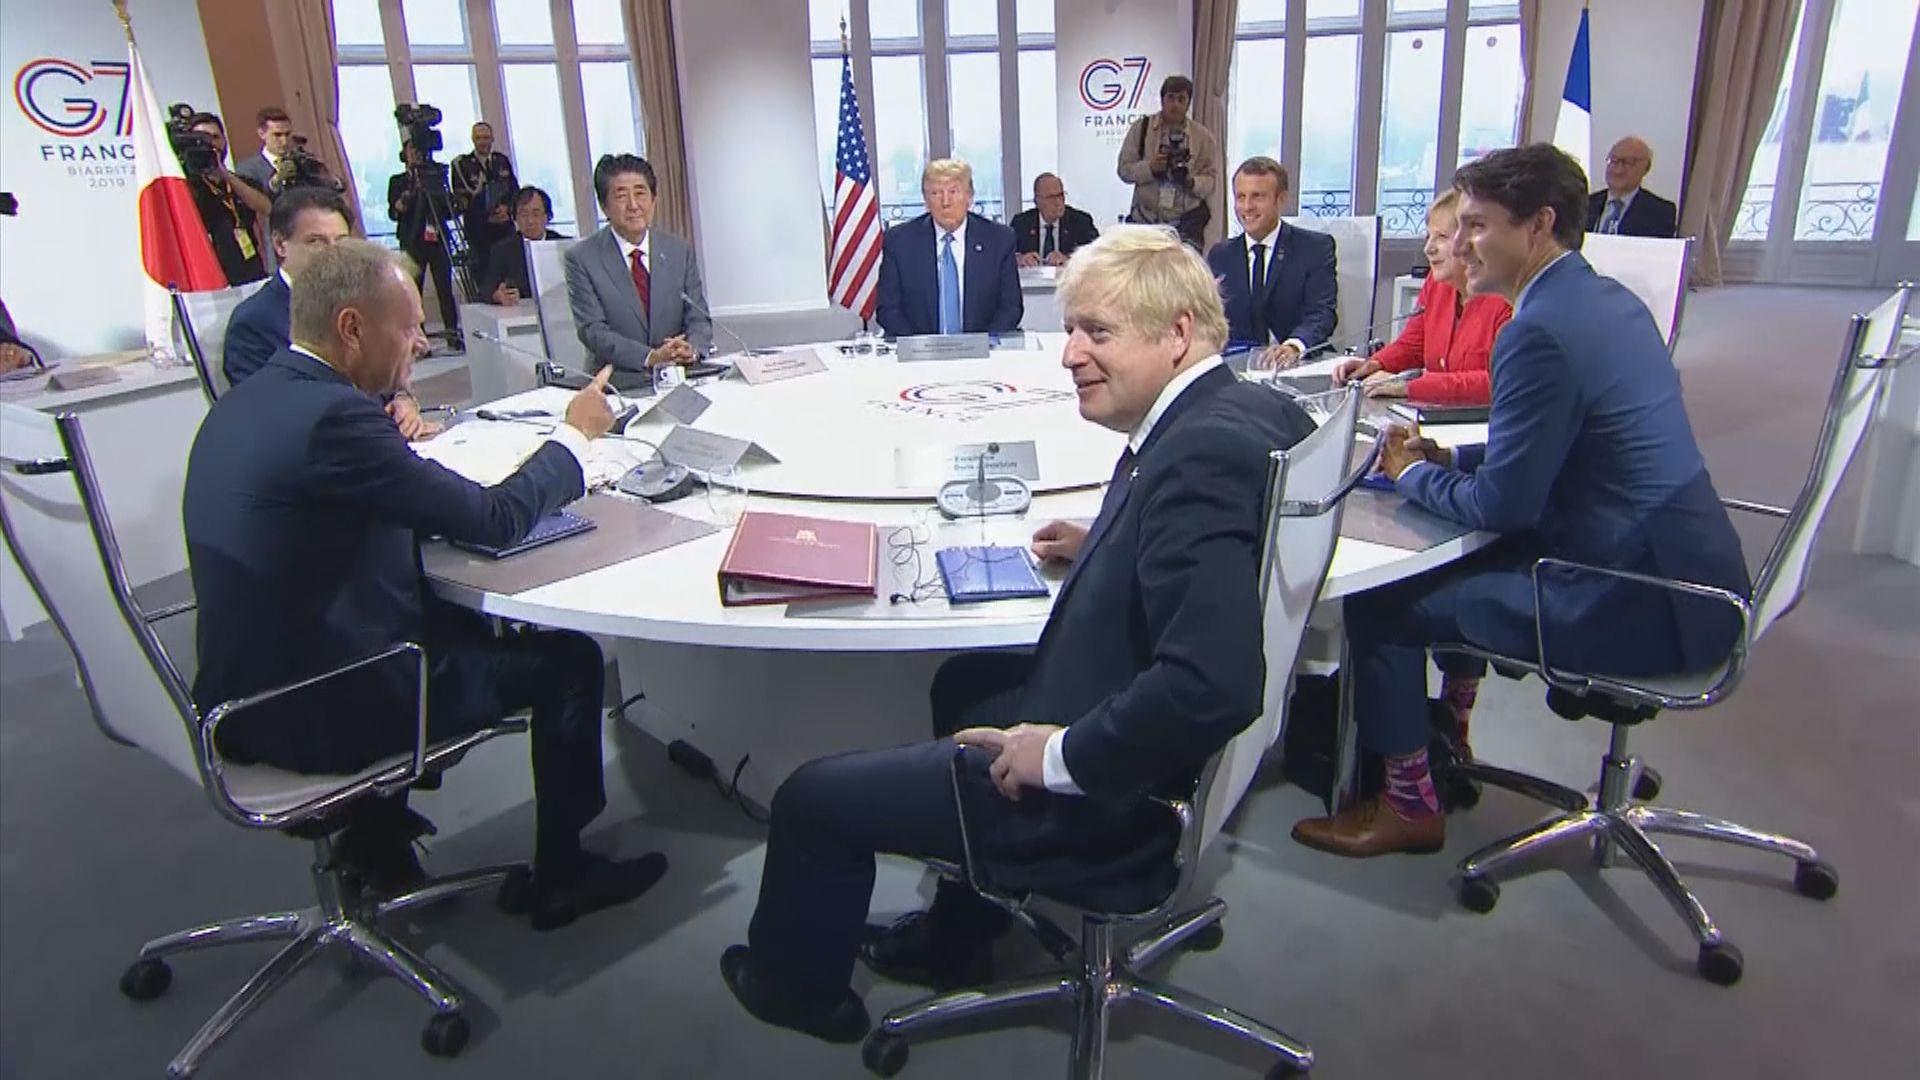 G7重申中英聯合聲明重要性 約翰遜:領袖對香港局勢深表關注